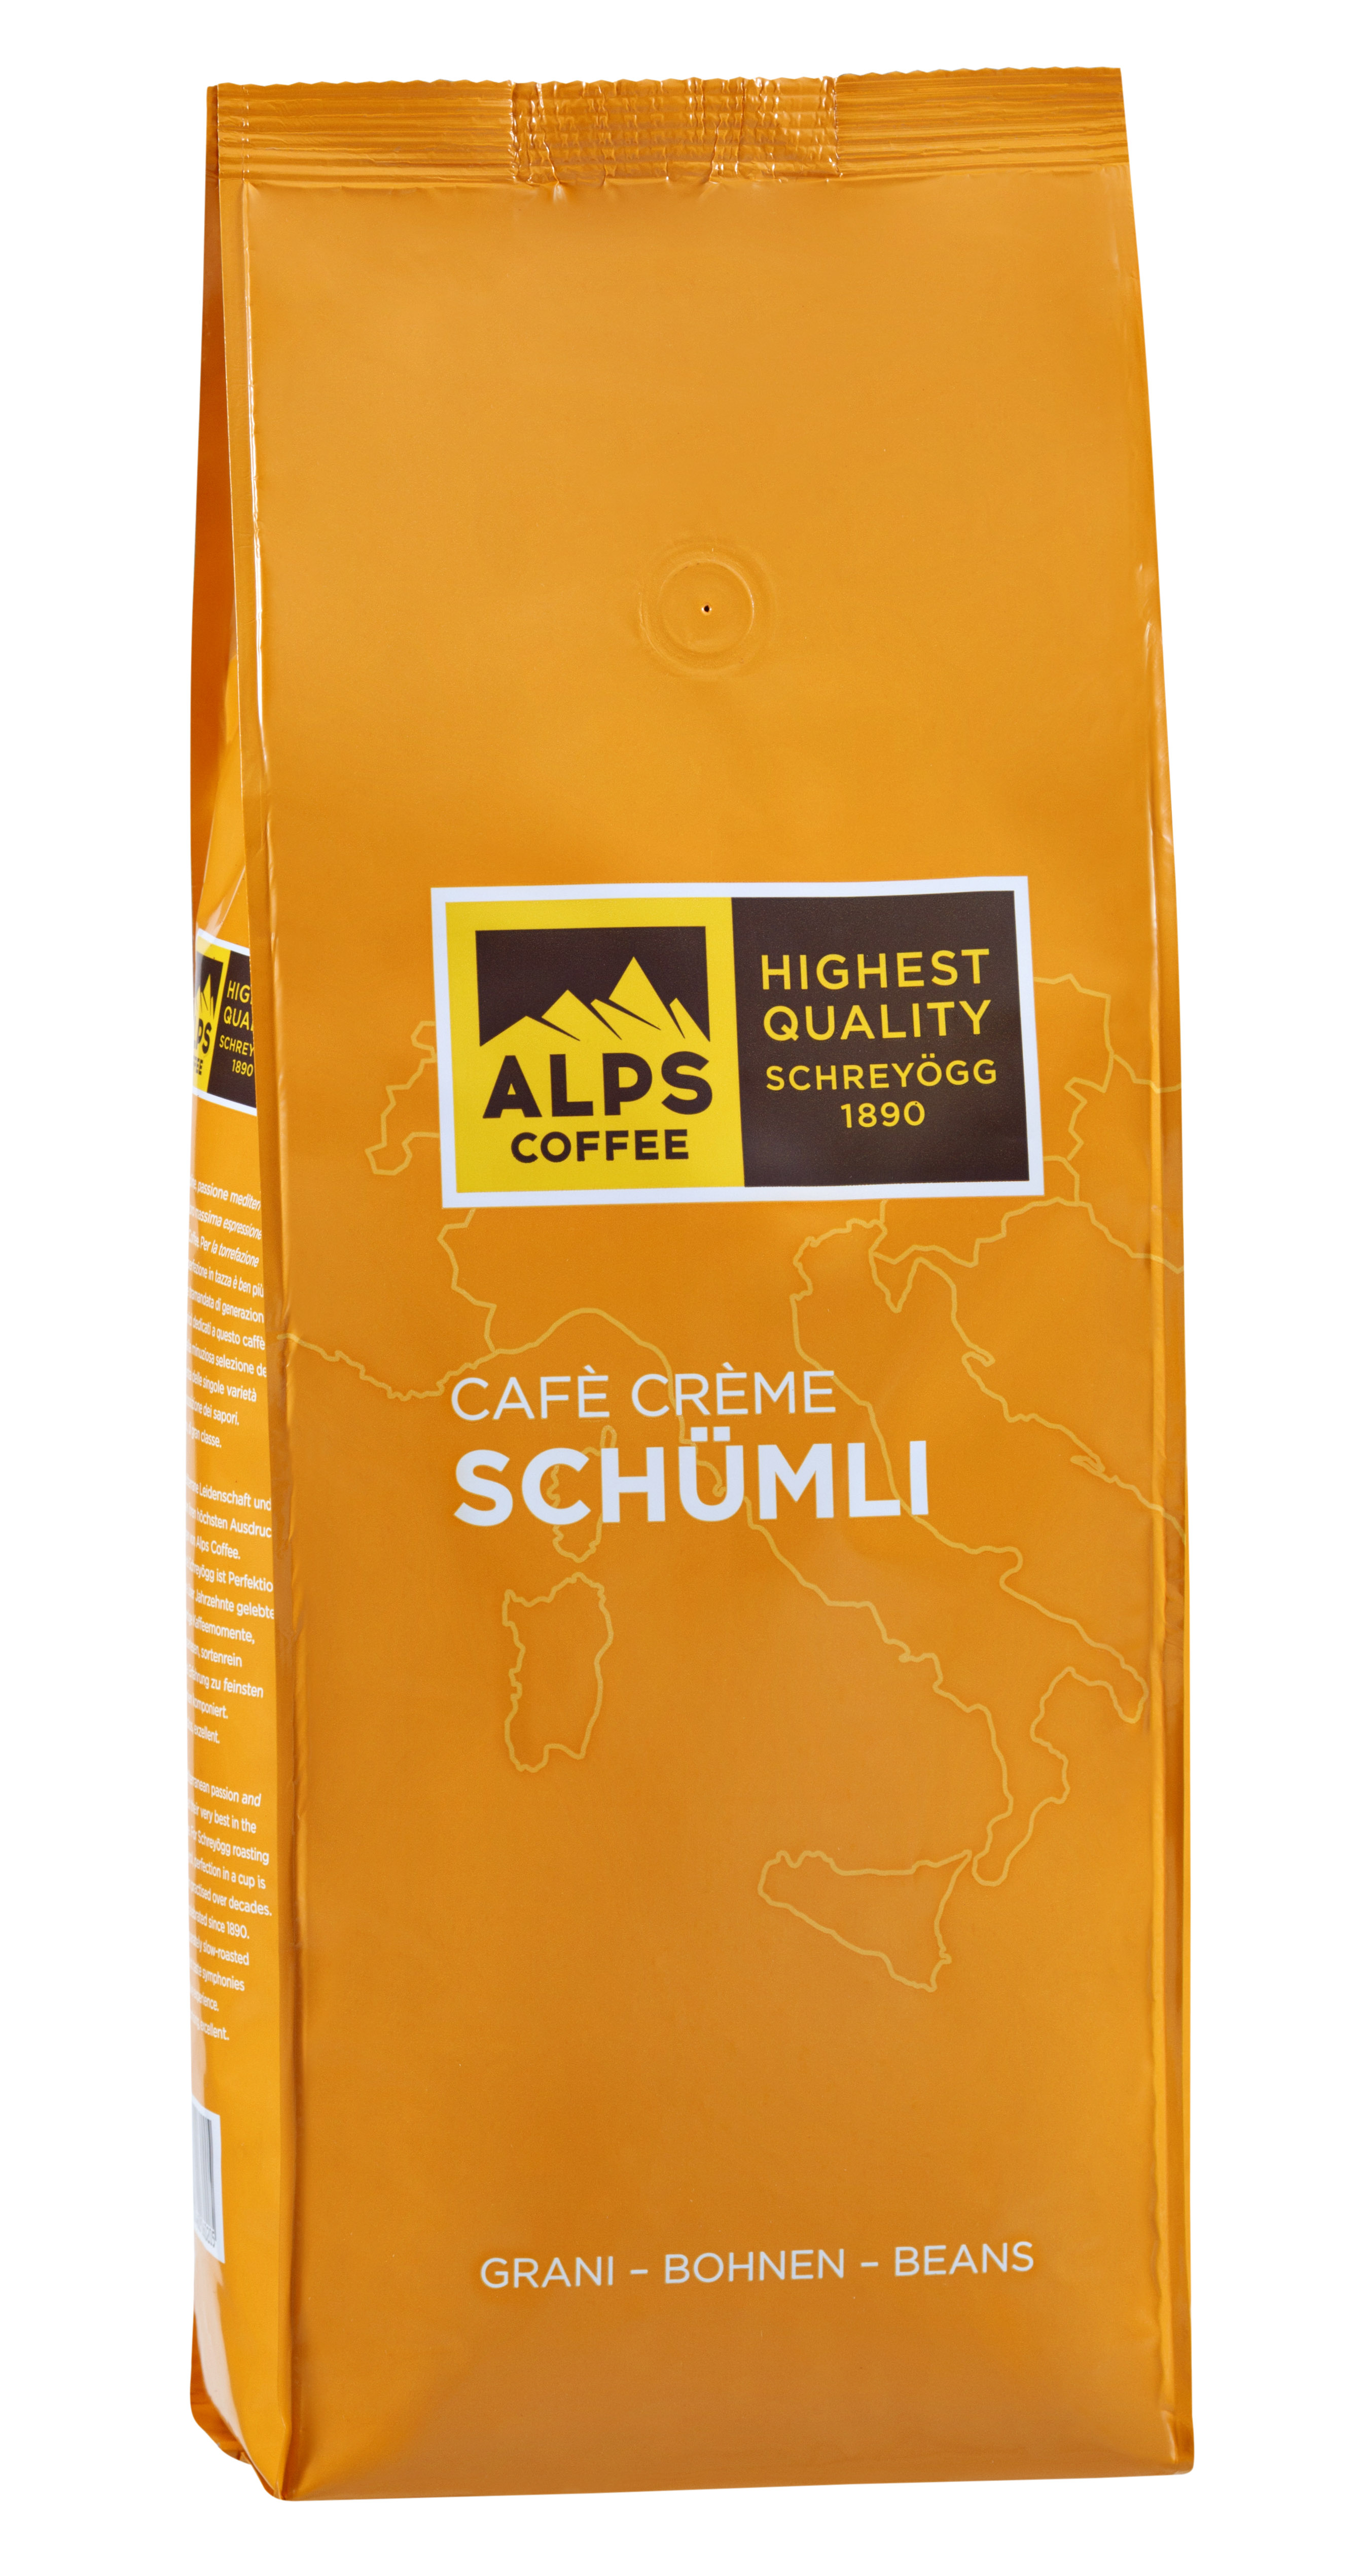 ALPS Coffee - Schreyögg Schümli Cafe Creme Espresso Kaffee 1000 Gramm Bohnen